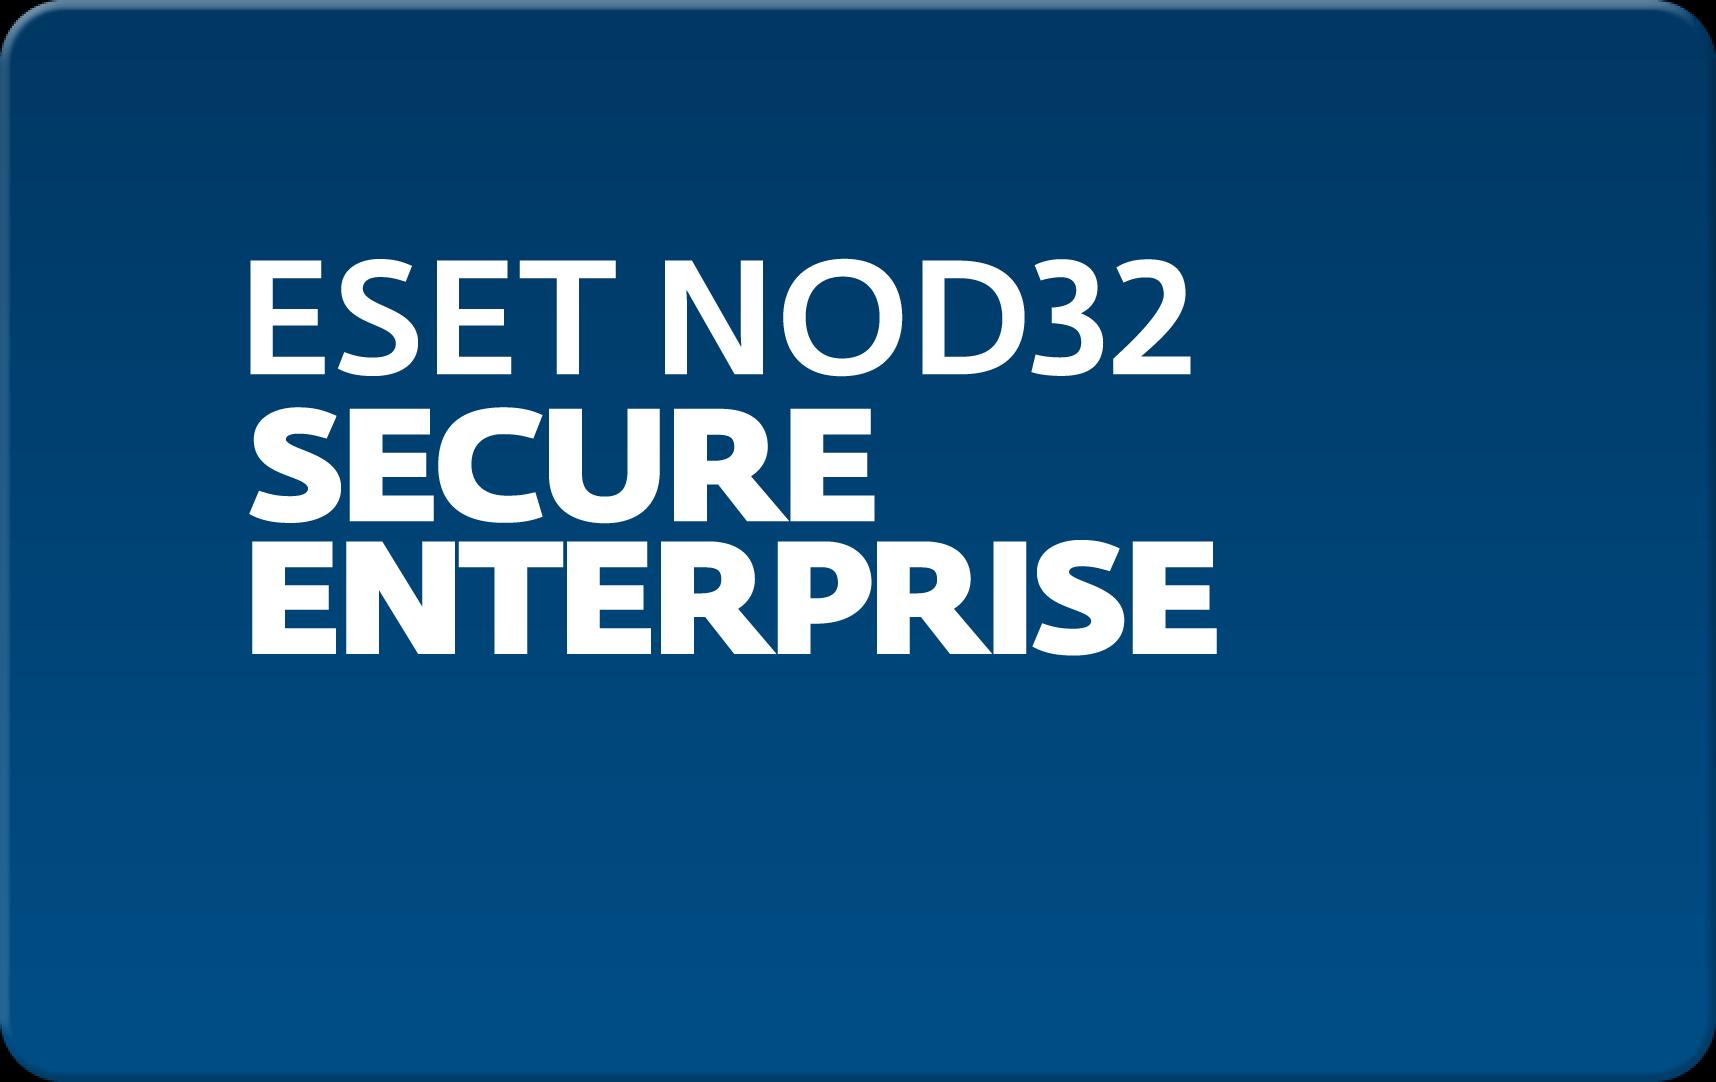 Кроссплатформенная антивирусная защита всех узлов корпоративной сети ESET Eset NOD32 Secure Enterprise  для 27 пользователей